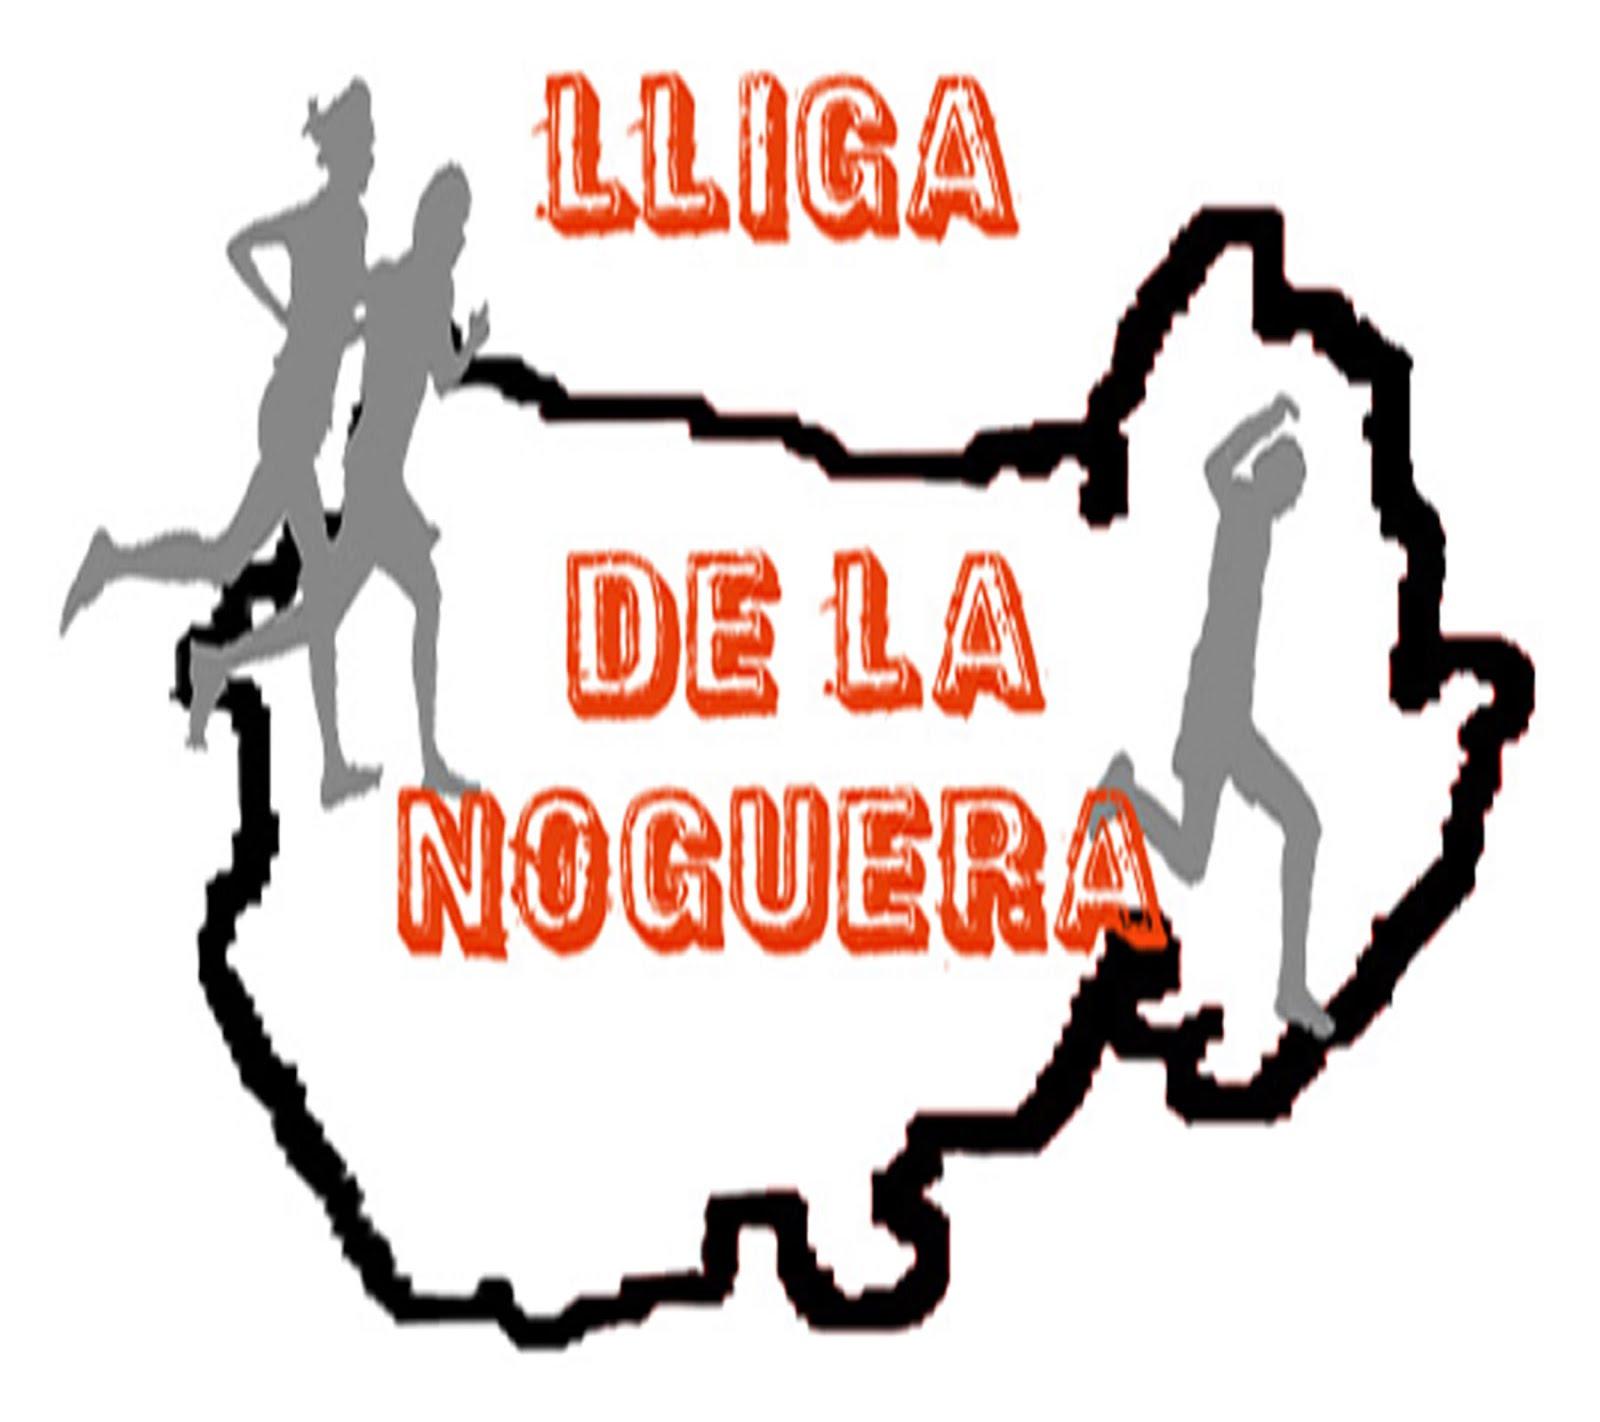 LLIGA DE LA NOGUERA